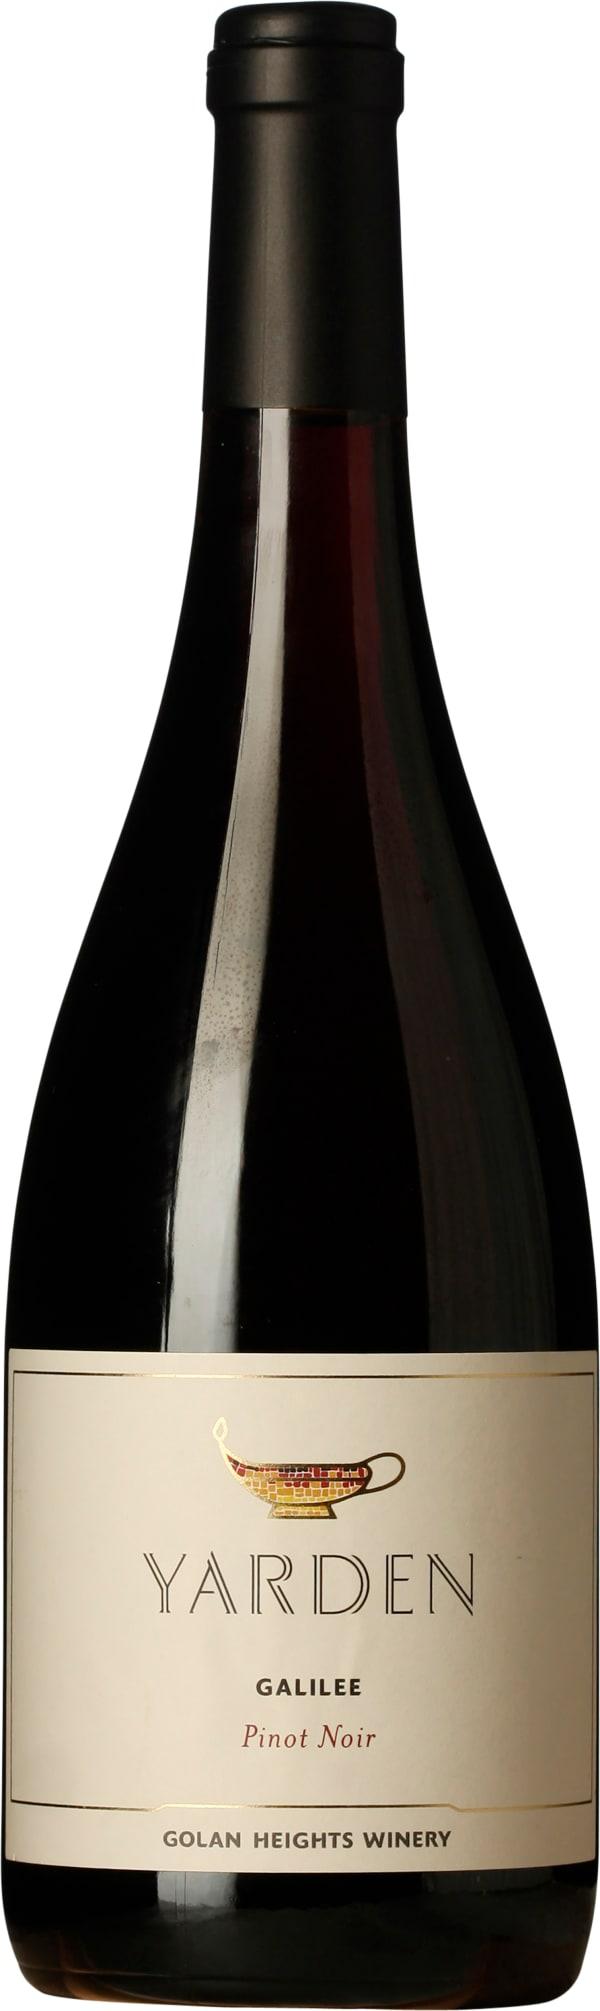 Yarden Pinot Noir 2015